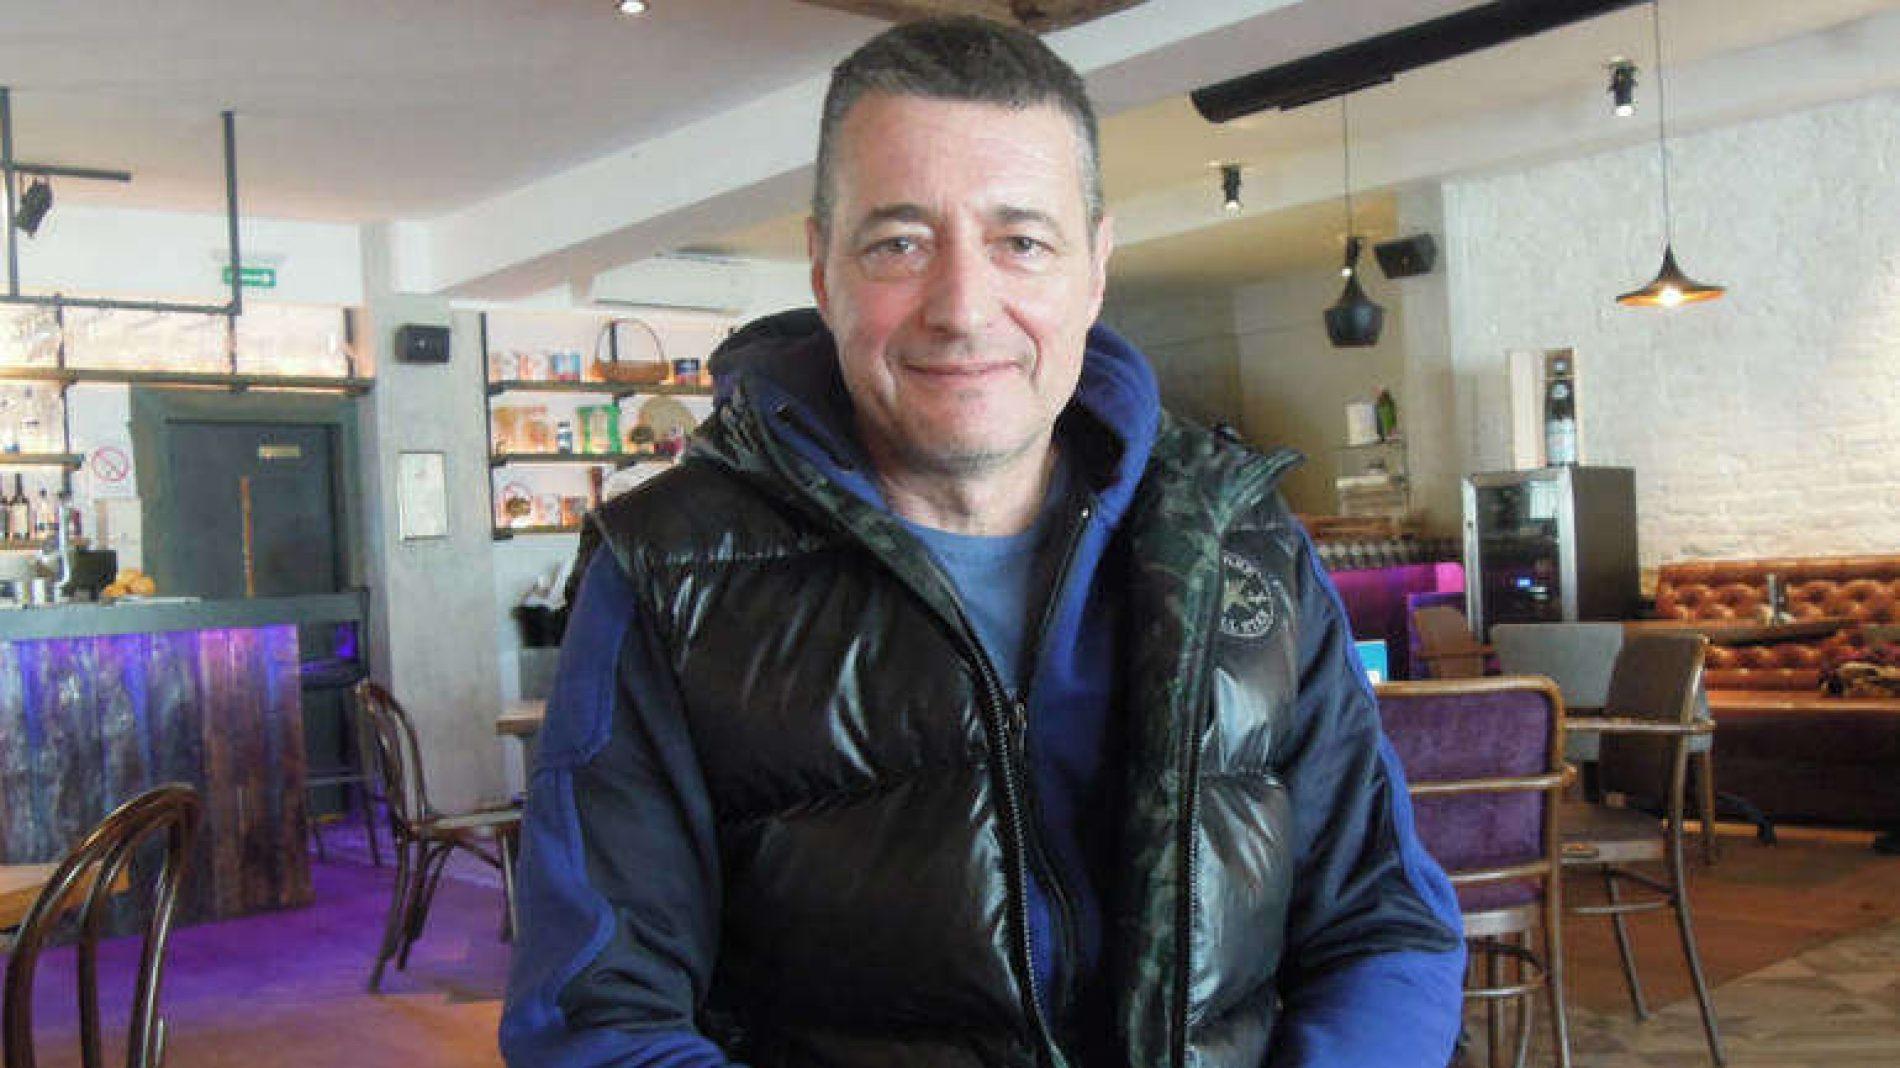 Srbijanski režiser Srđan Dragojević: Vučić je bio inspirator genocida u Srebrenici